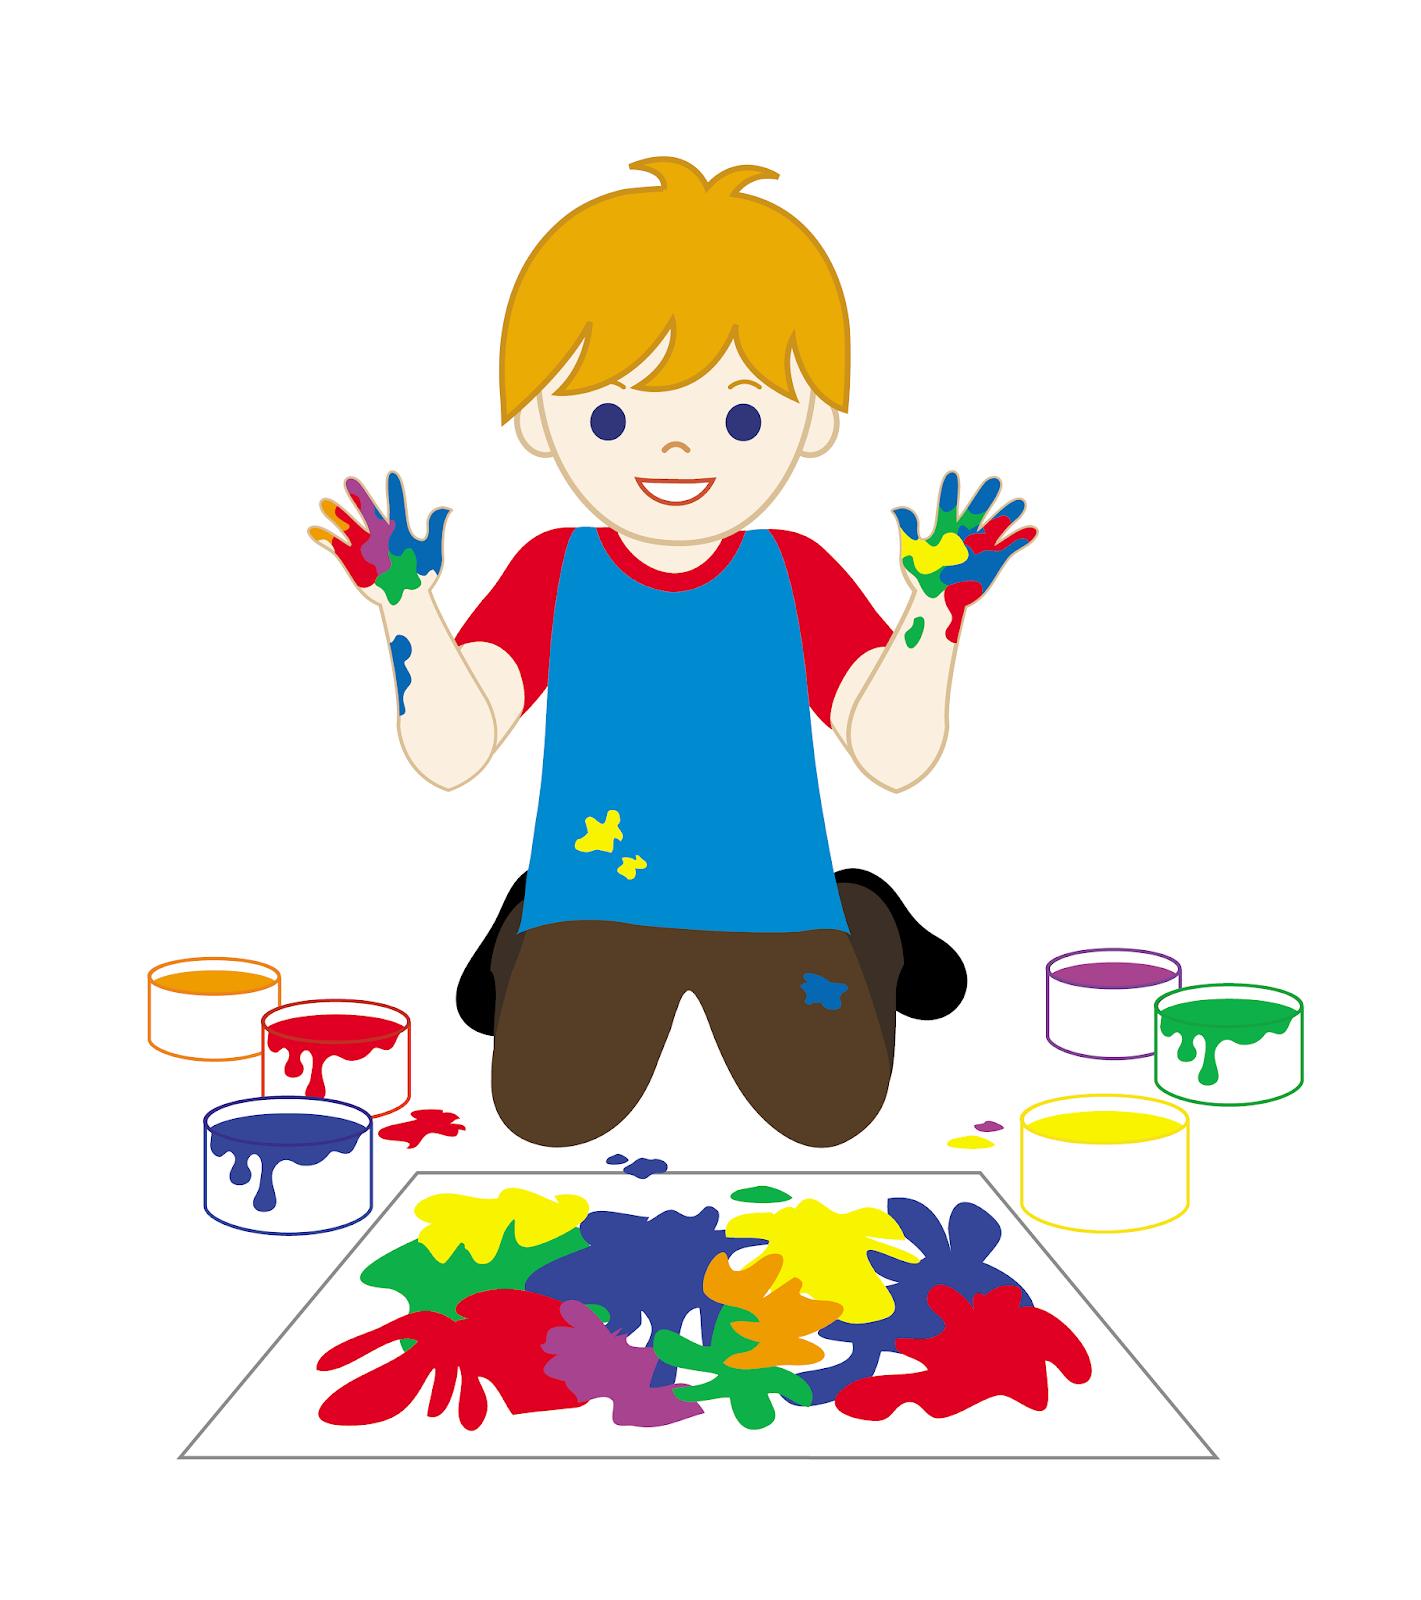 Дети картинки для детей рисованные